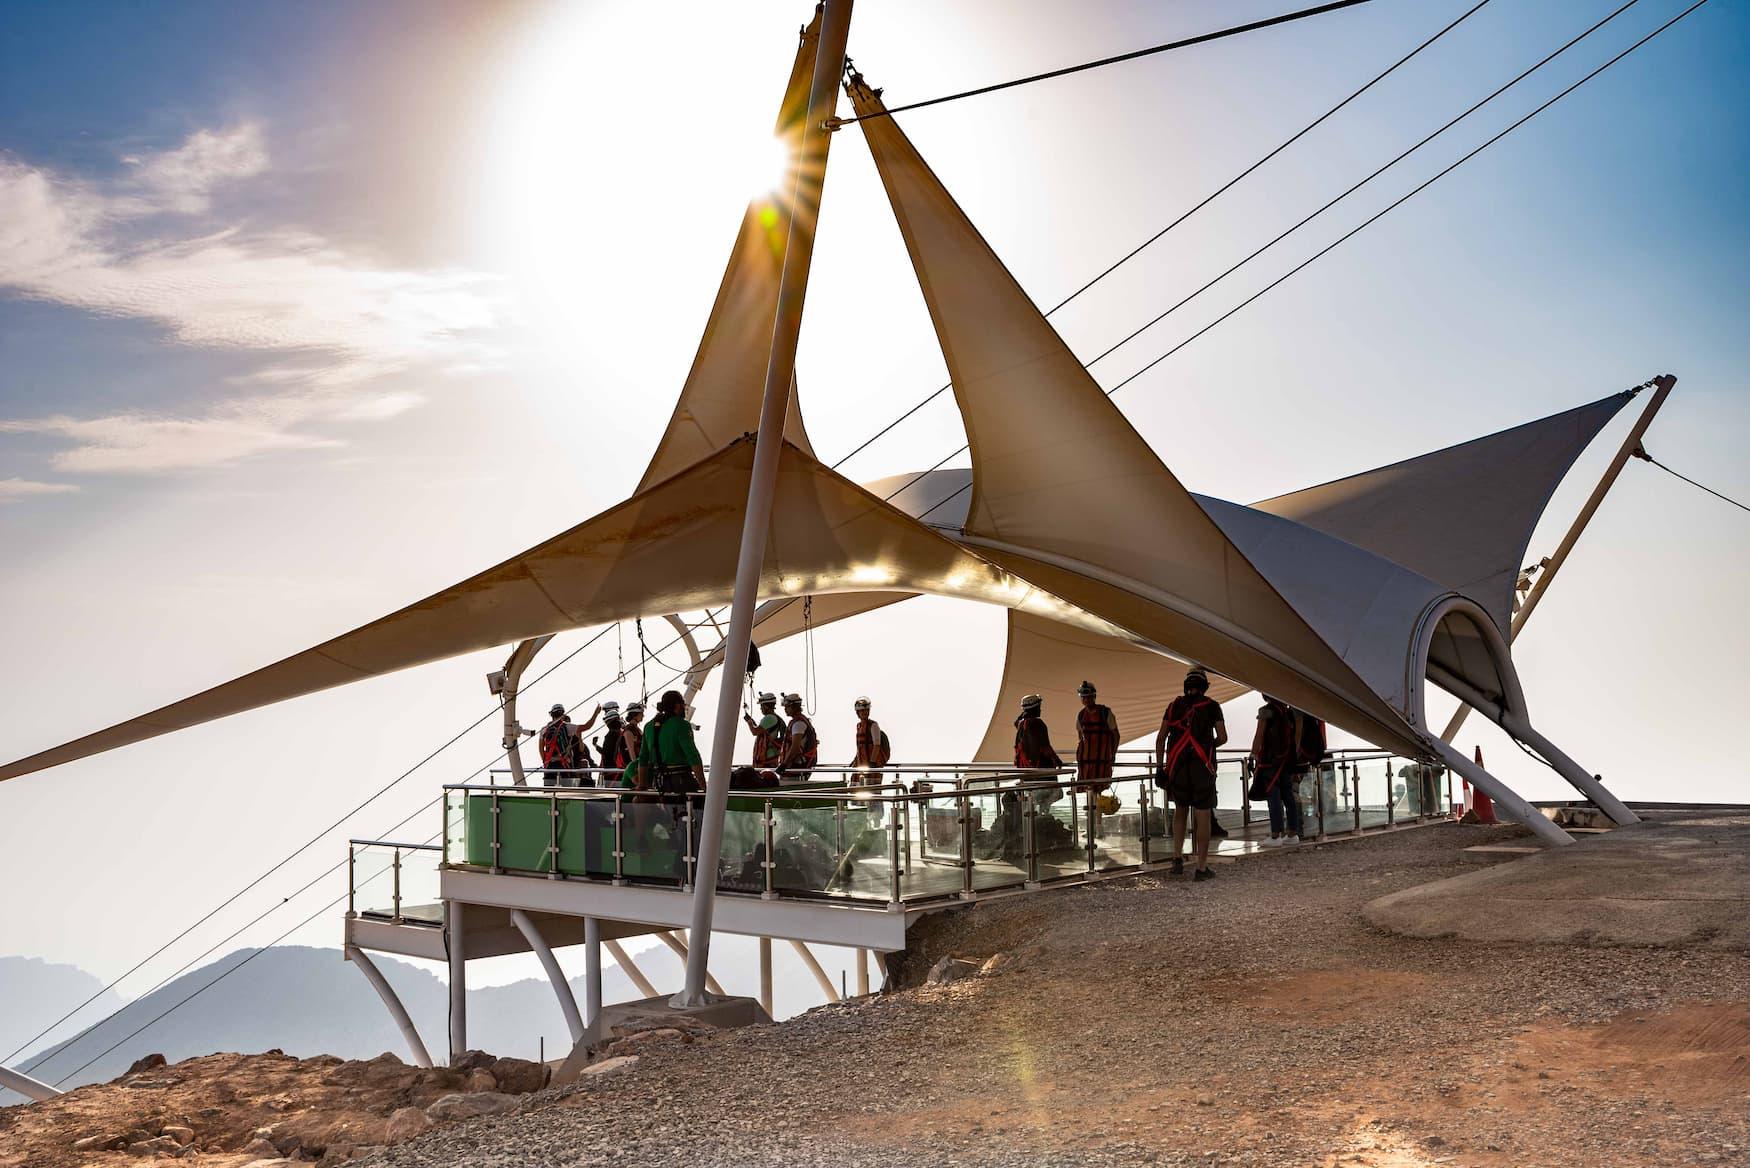 Zipline am Jebel Jais in Ras Al Kaimah